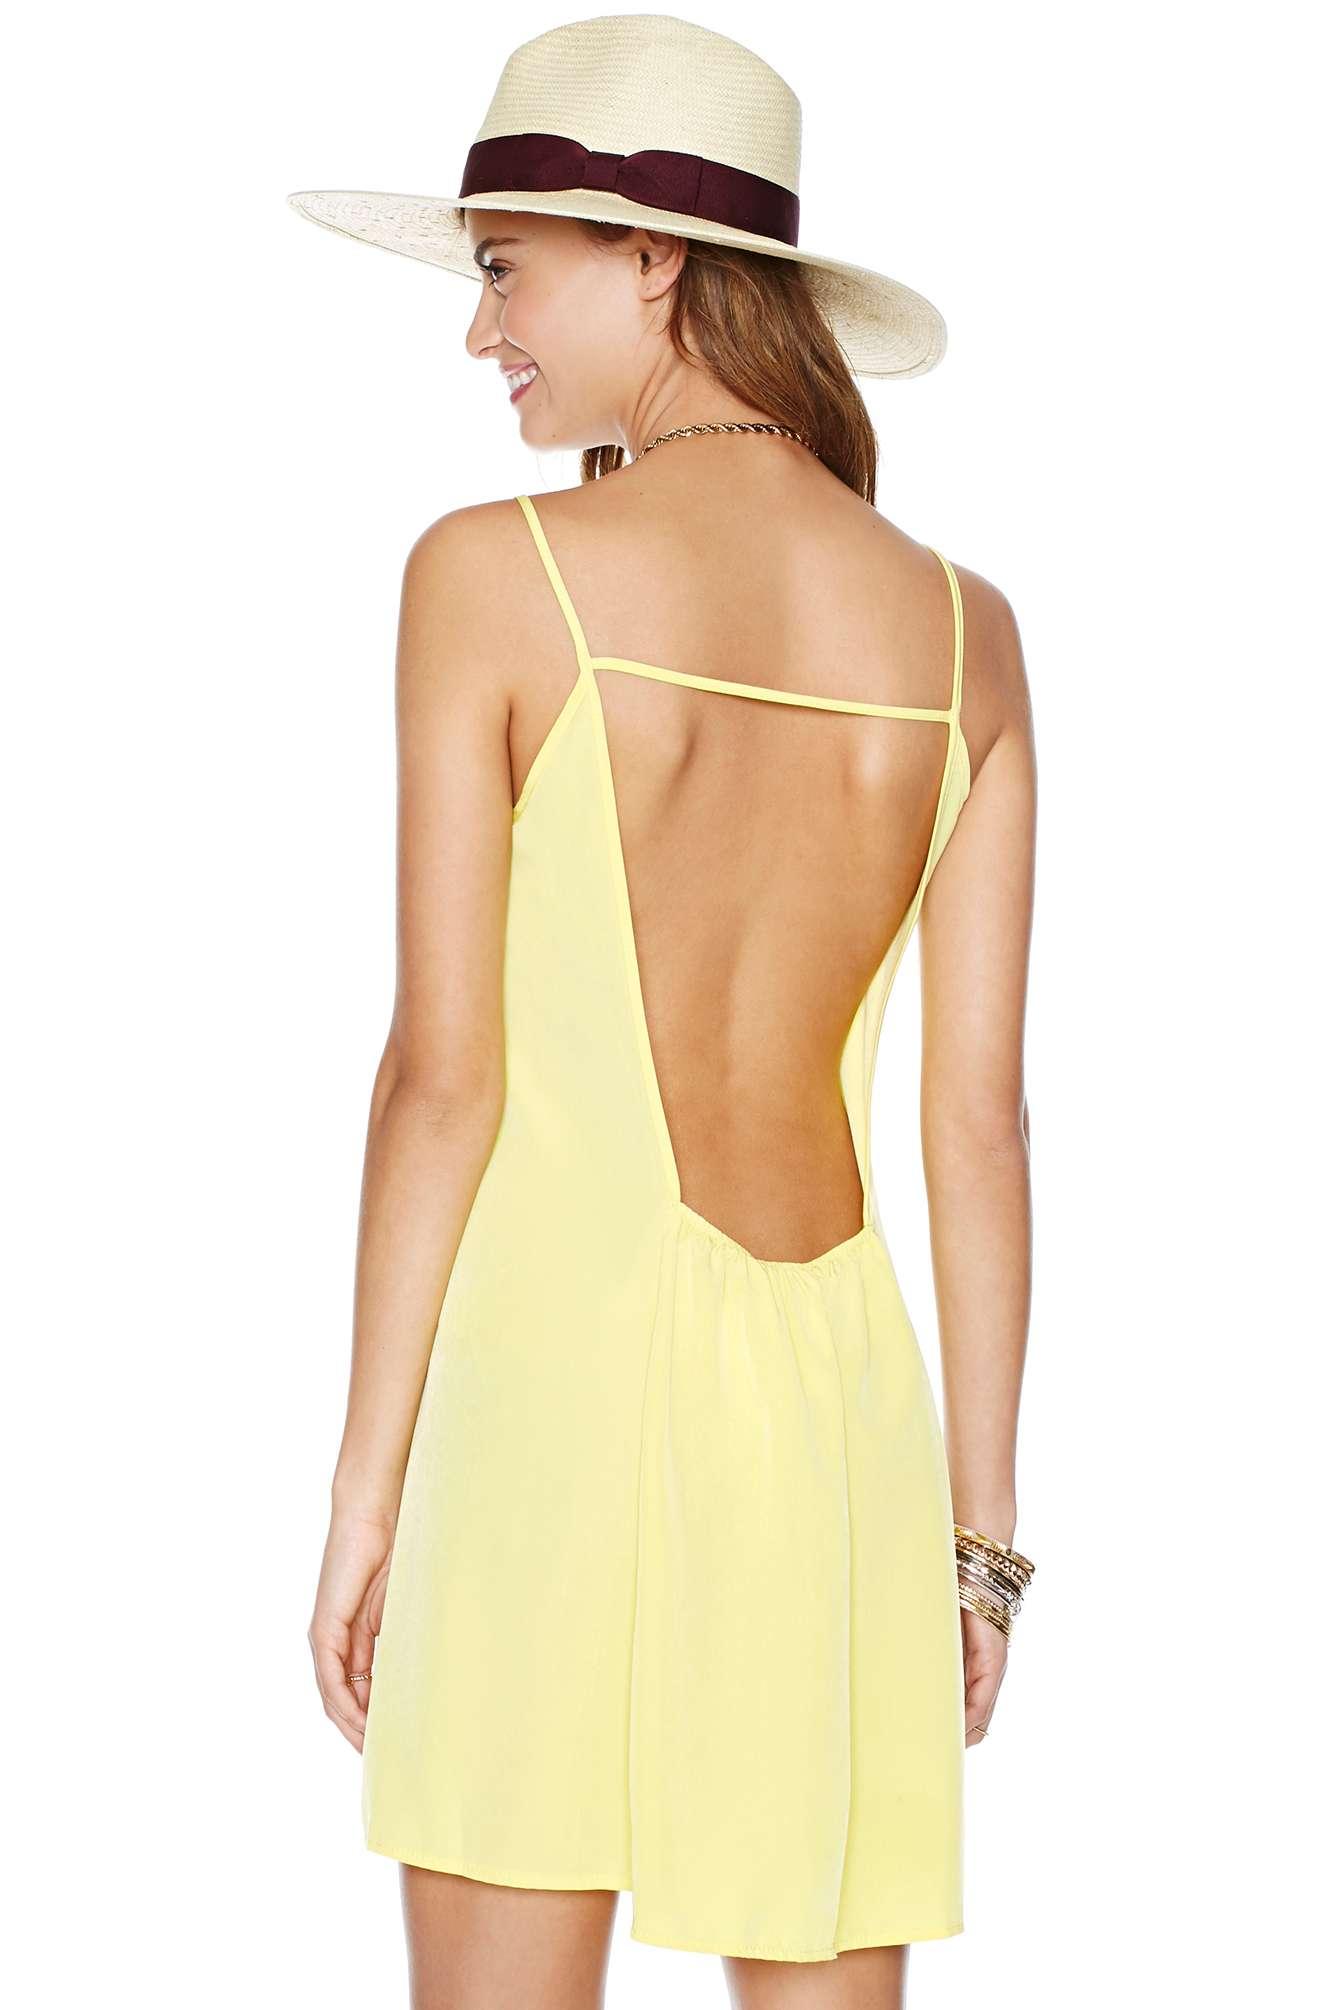 Yellow Deep V-neckline and Square Cutout Back Dress - Sheinside.com